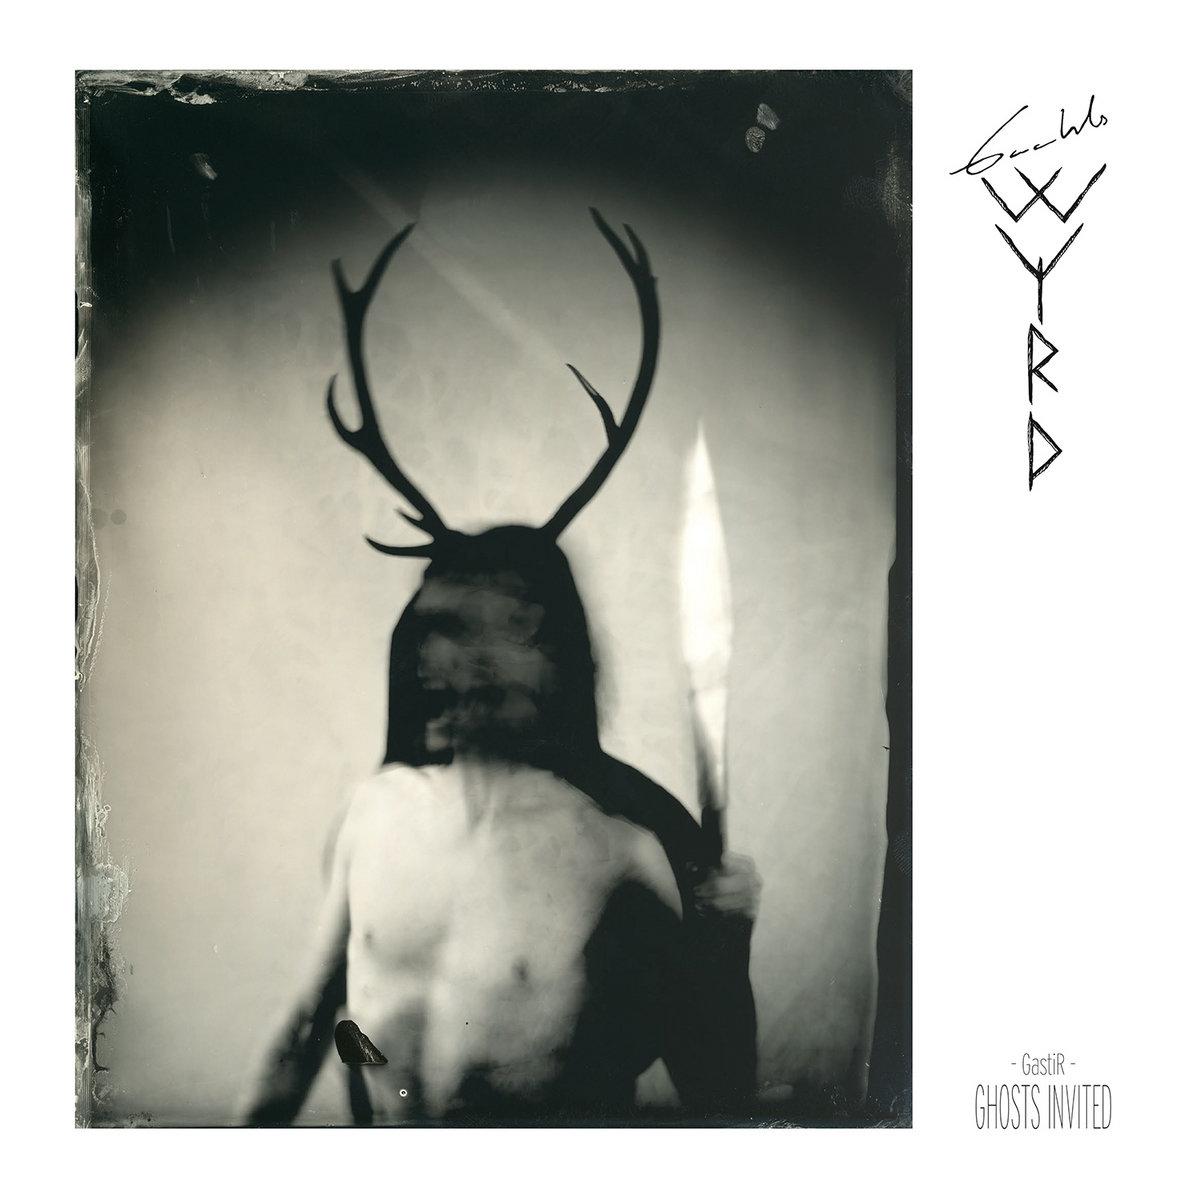 GastiR - Ghosts Invited | Gaahls WYRD